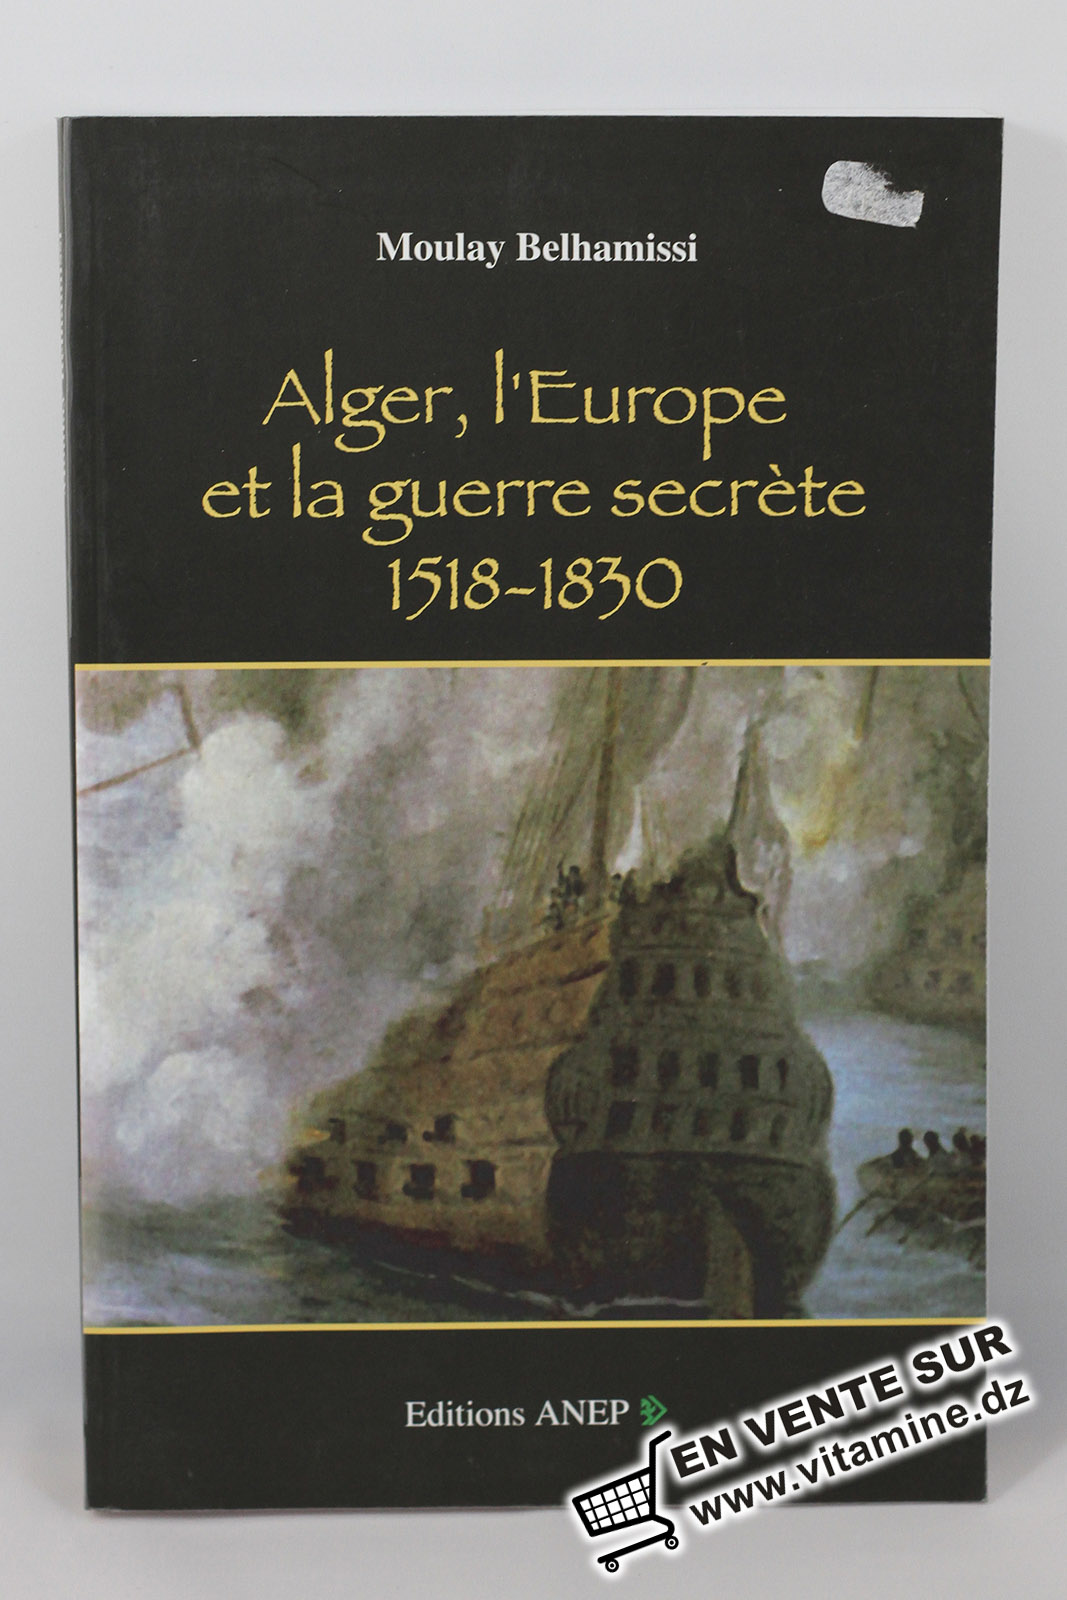 Moulay Belhamissi - Alger, l'europe et la guerre secrète 1518-1830